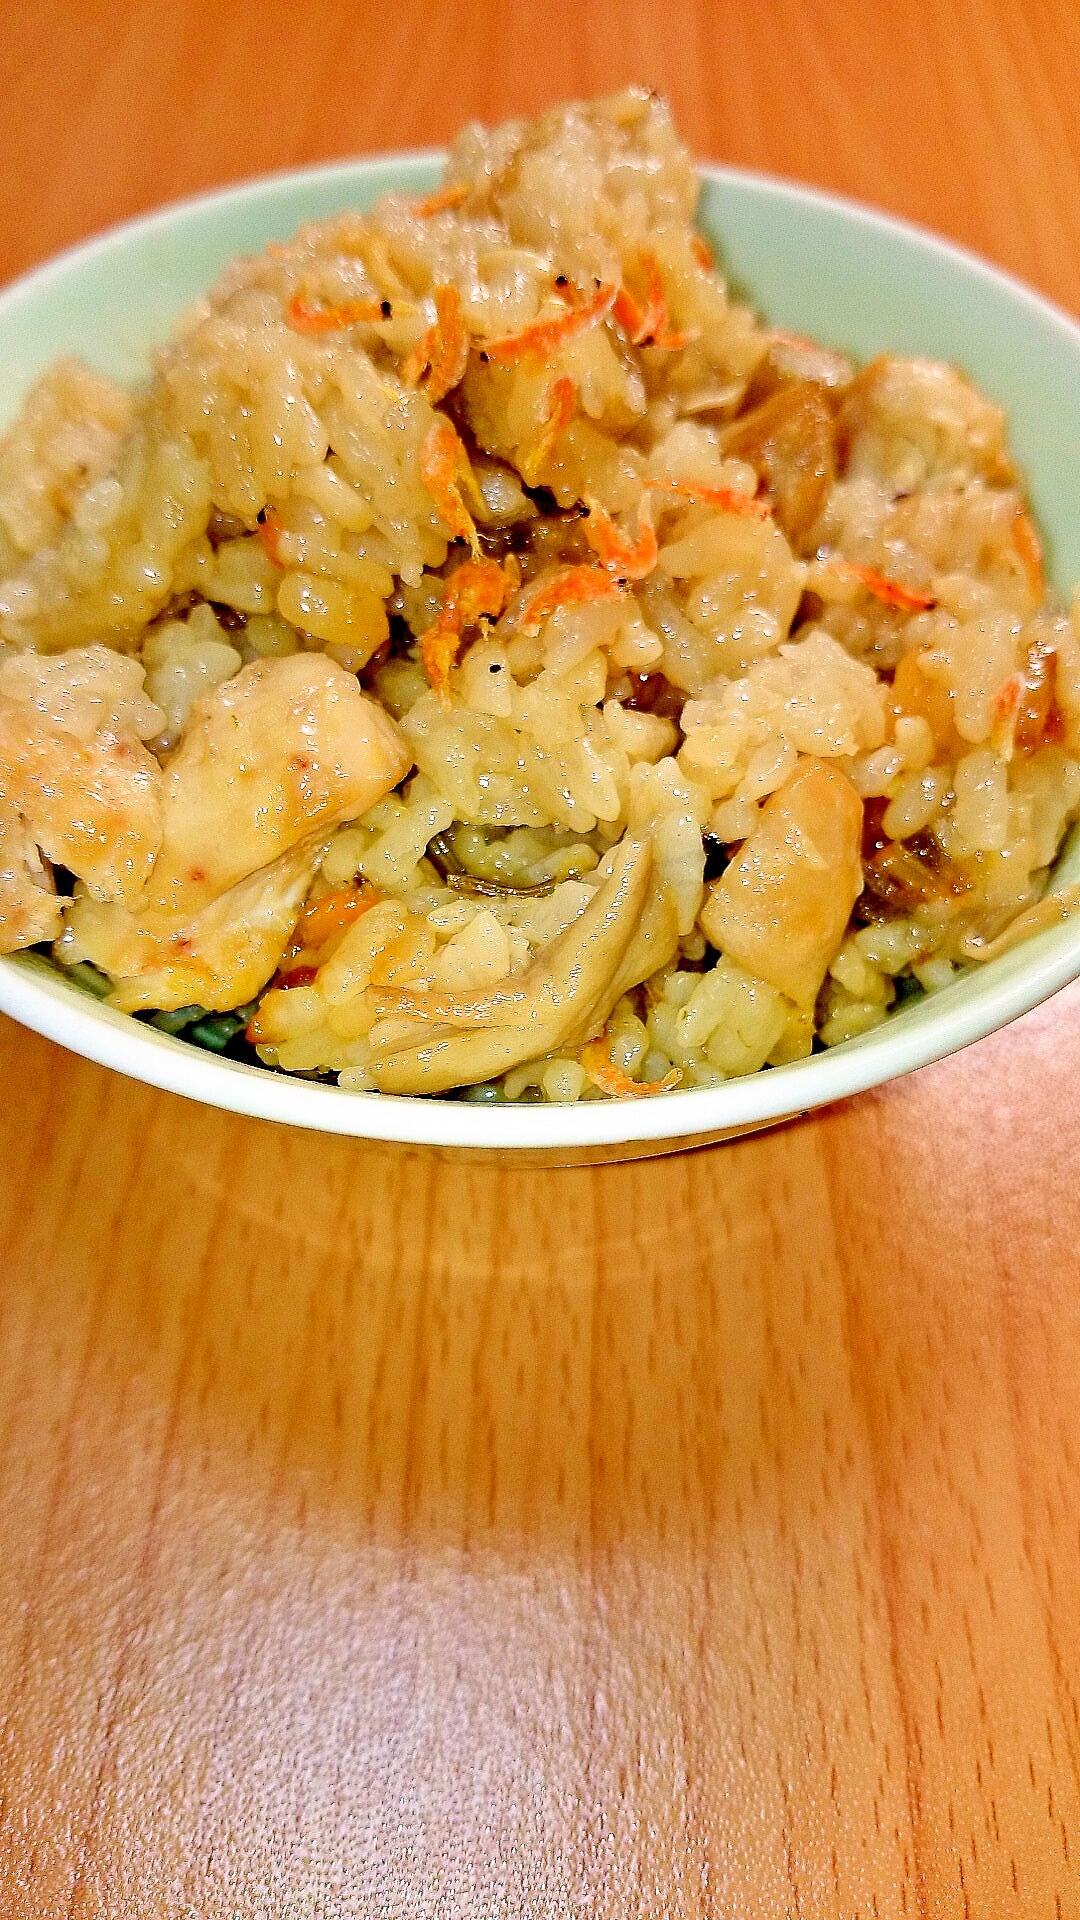 干しエビと鶏肉の炊き込みご飯